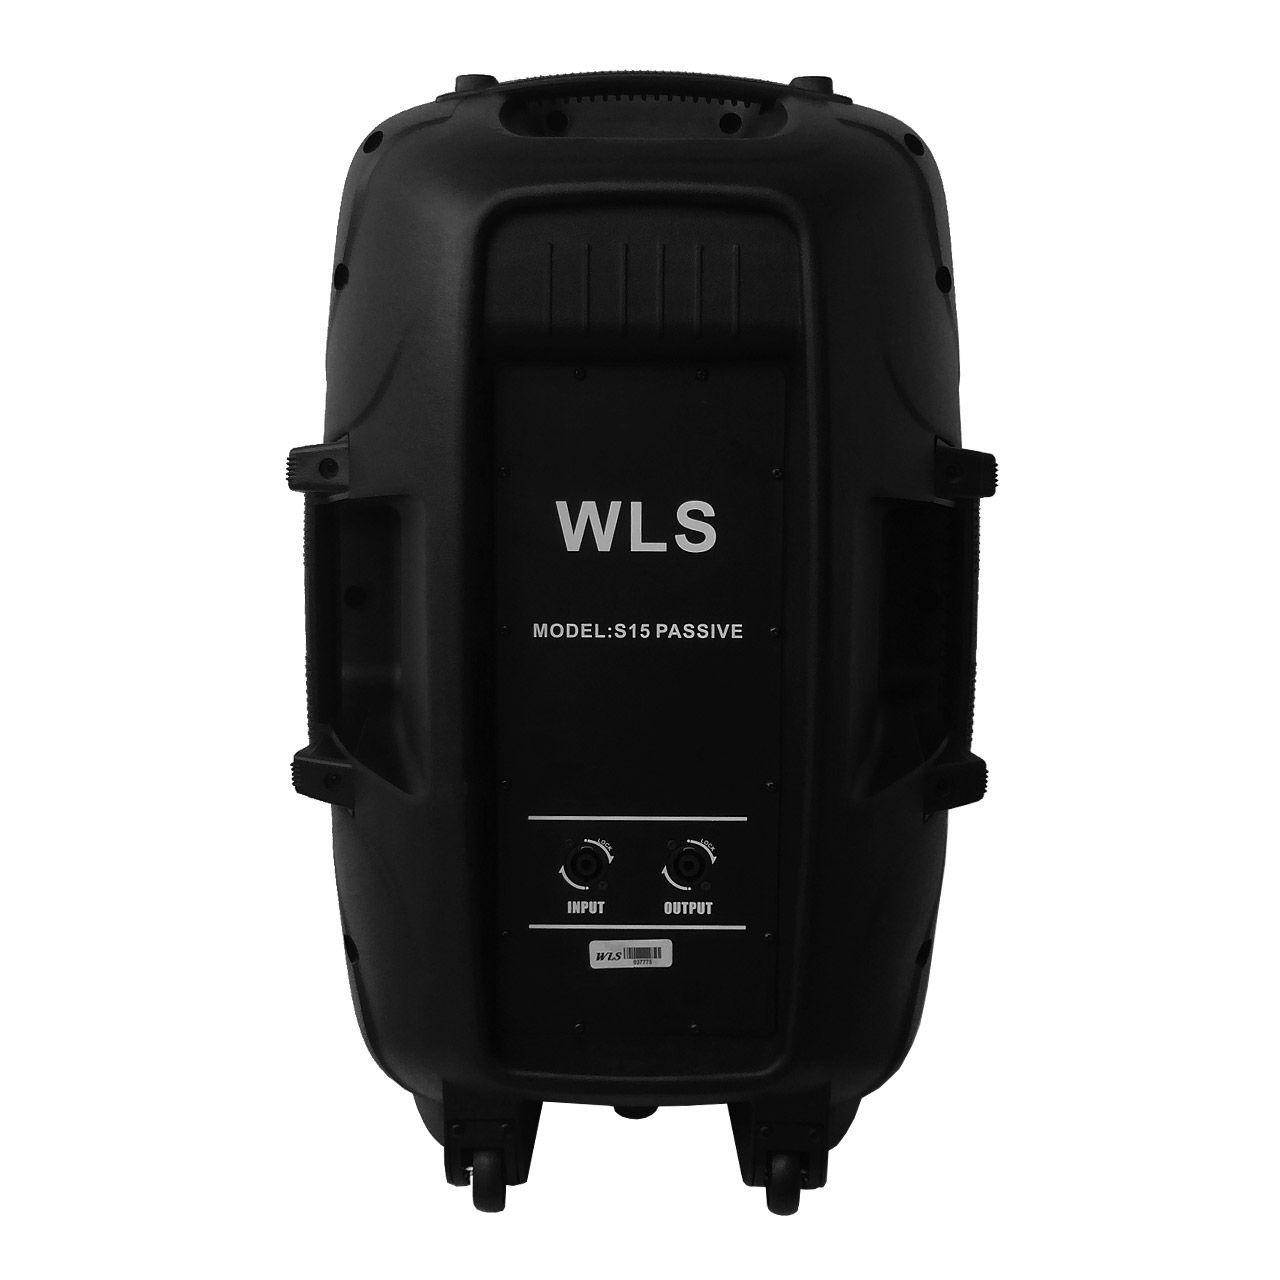 Kit Caixa De Som Ativa Passiva Wls S15 Bluetooth 430w Rms + Suporte e Cabo